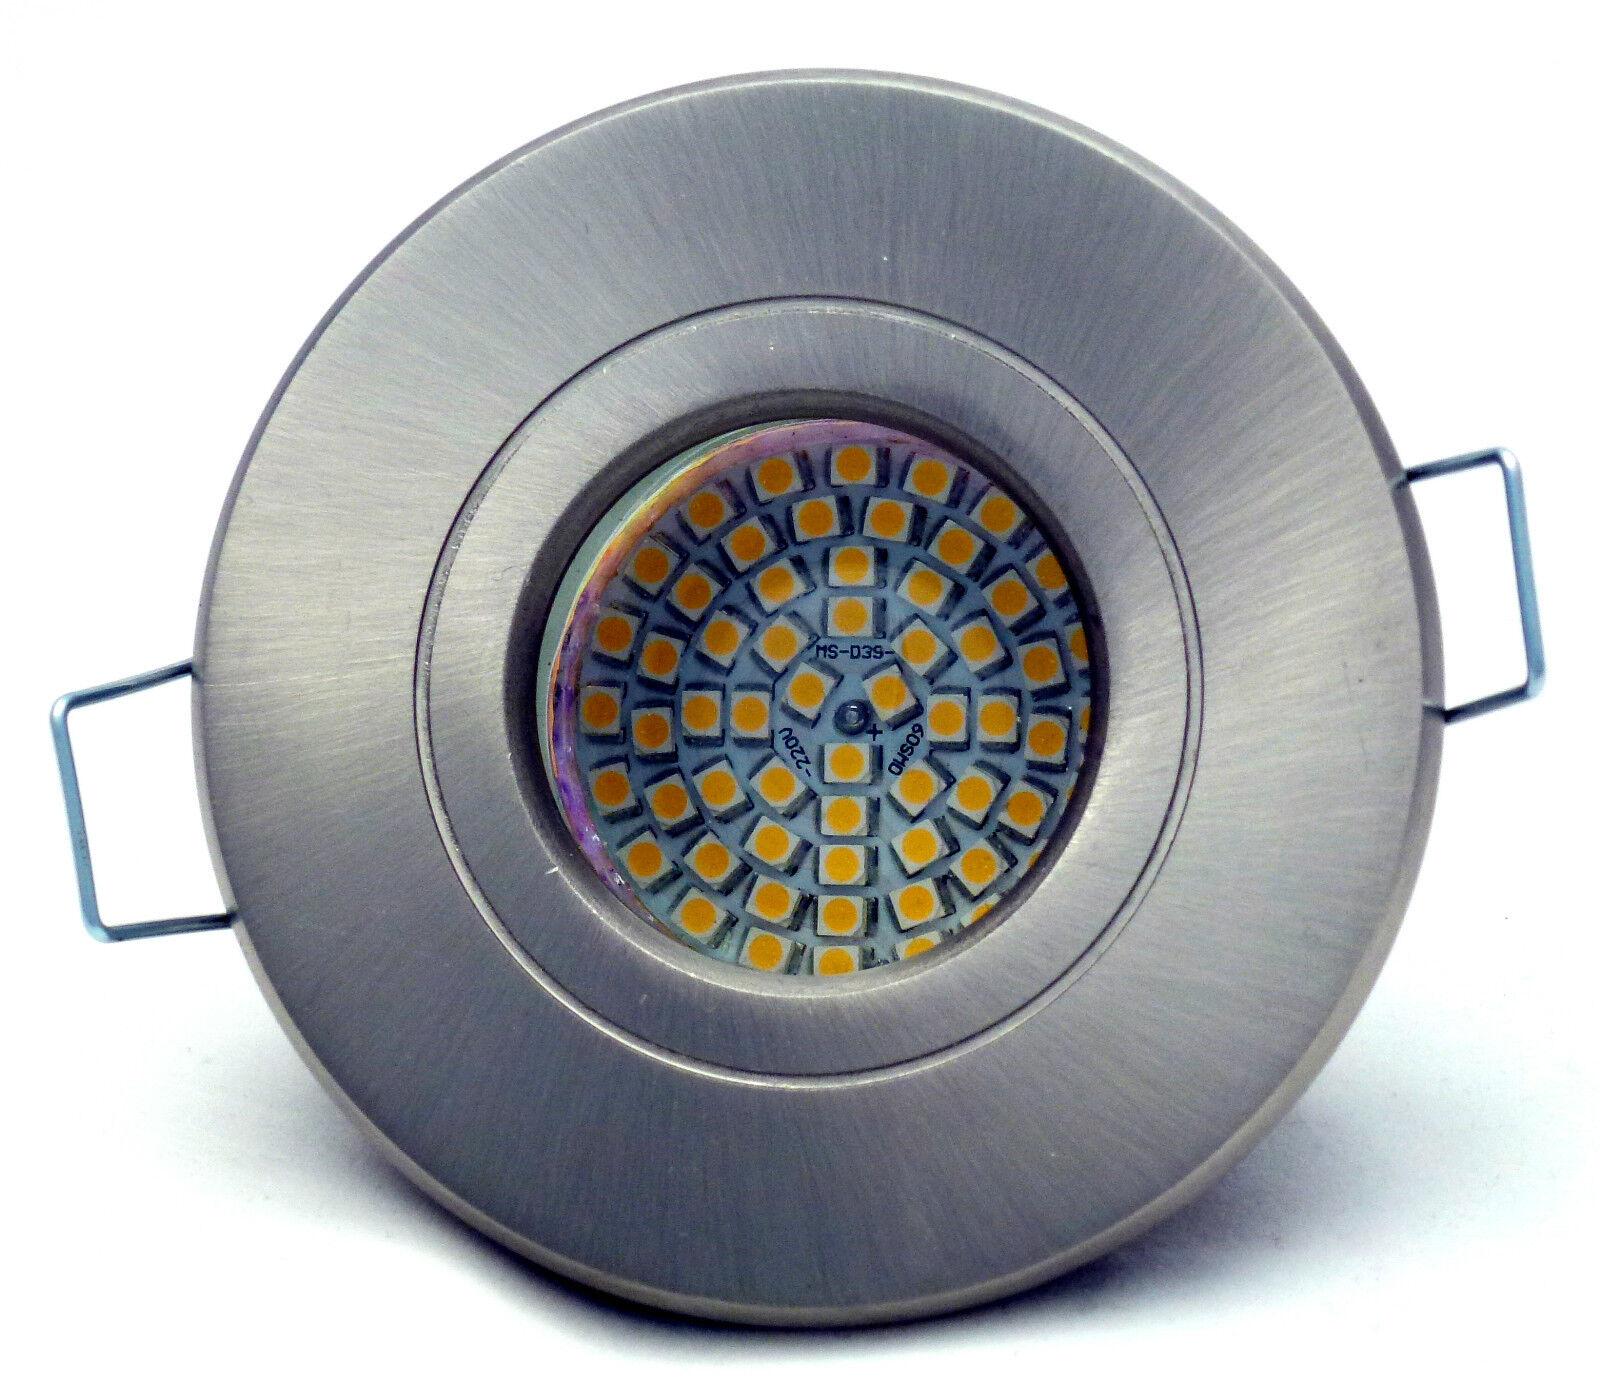 Dusch SOFFITTO FARETTO Aquarius 230v 60er SMD SMD SMD LED 3w  25w gu10 ip54 0726de